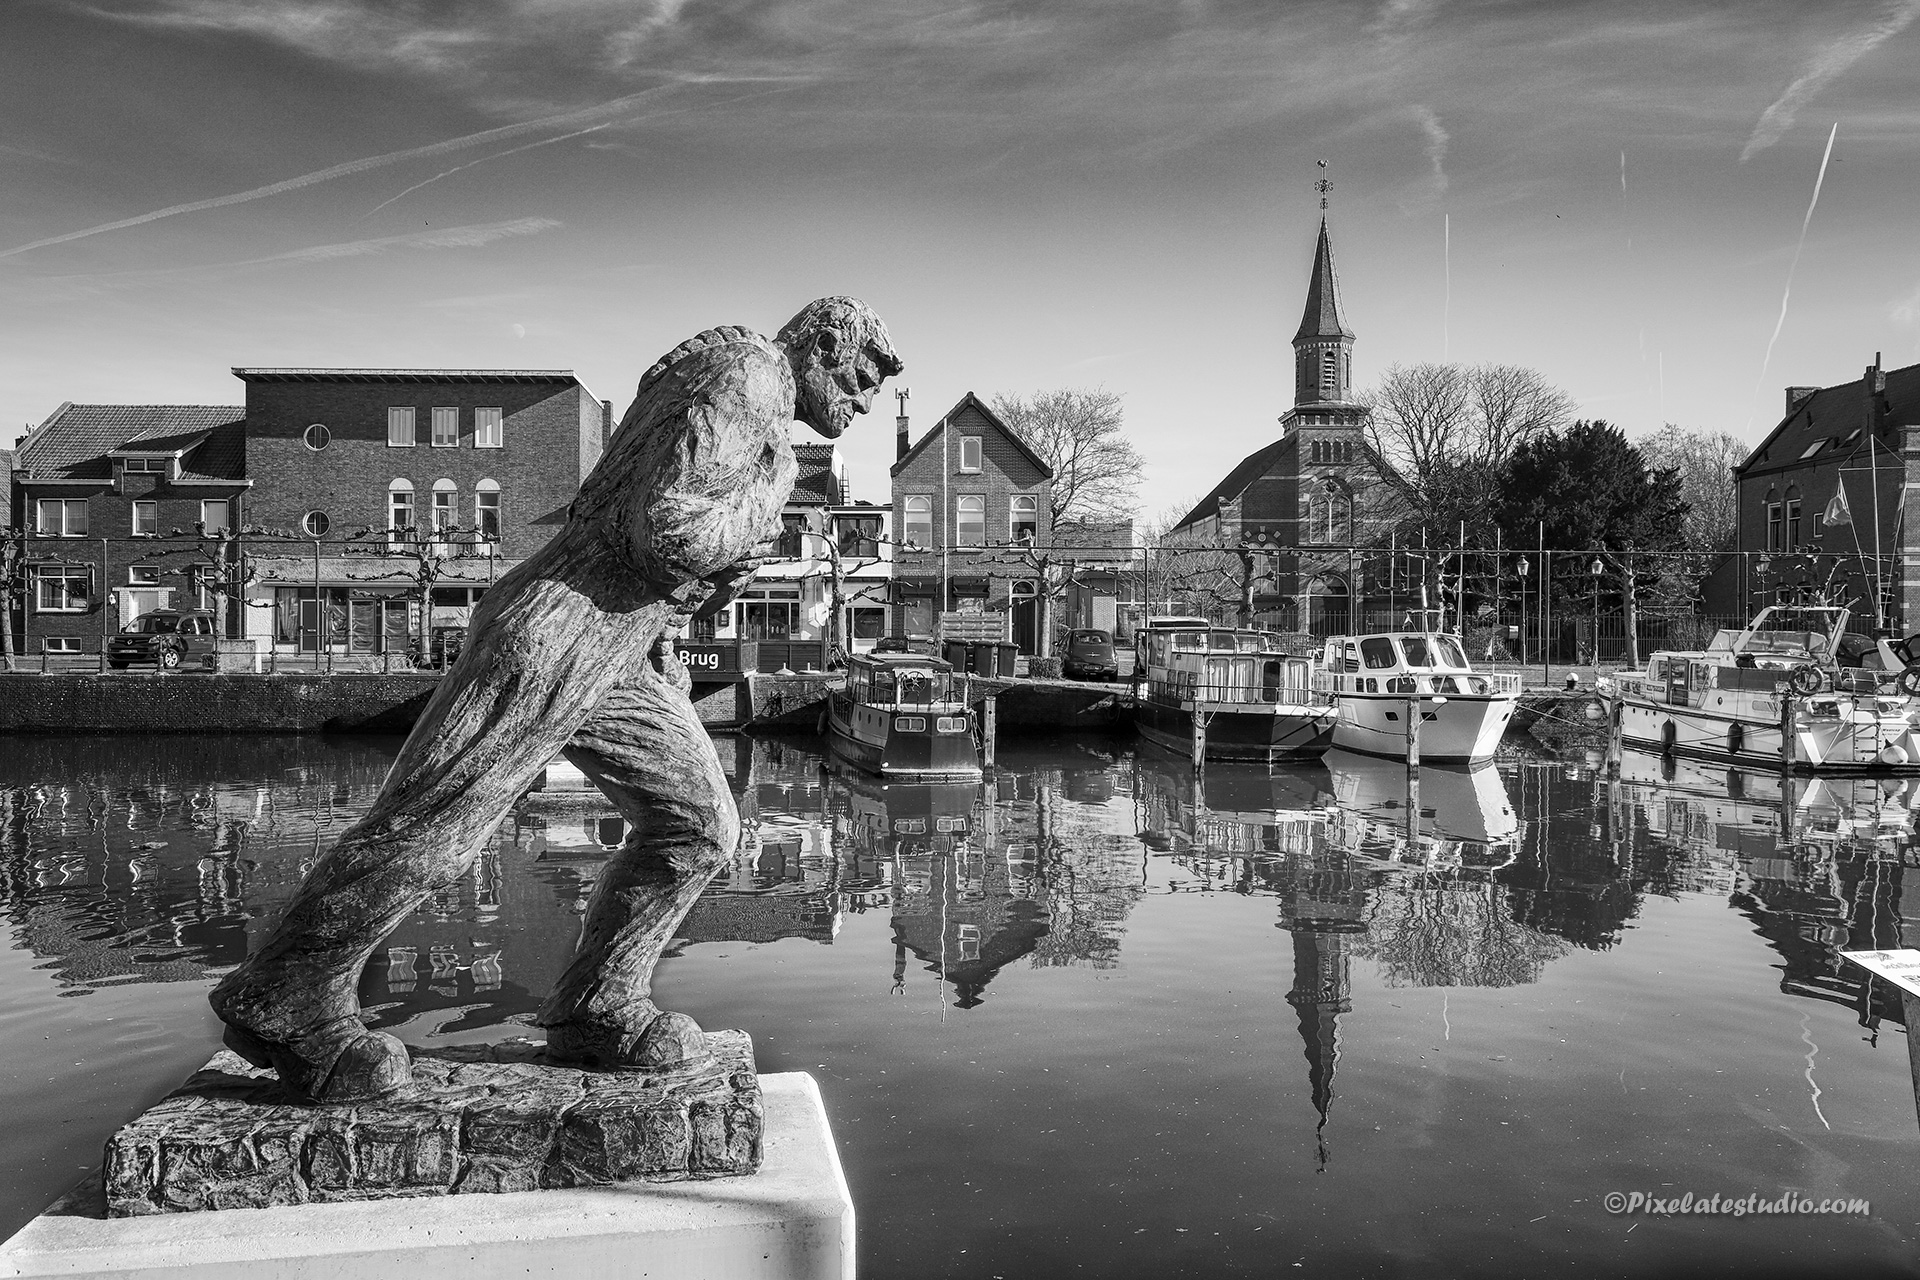 Mooie zwart-wit foto van de schepentrekker in Sas van Gent